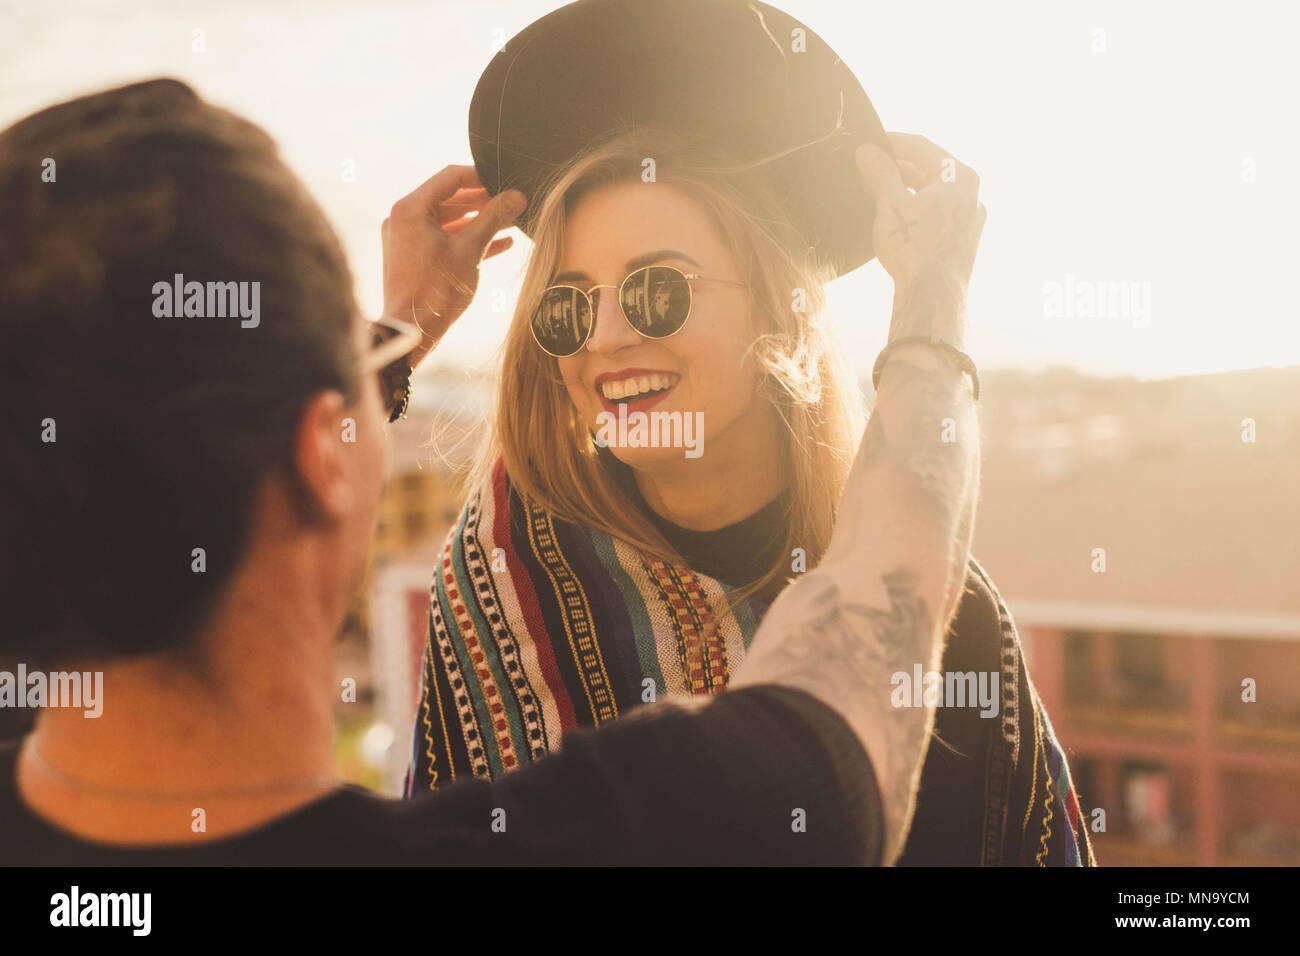 Aktivität im Freien für Paare von Mann und blonde junge schöne Frau Zusammen Spass haben. Er setzt einen Hut auf dem Kopf und Sie lächeln. Sonnenlicht und Dachterrasse Stockbild